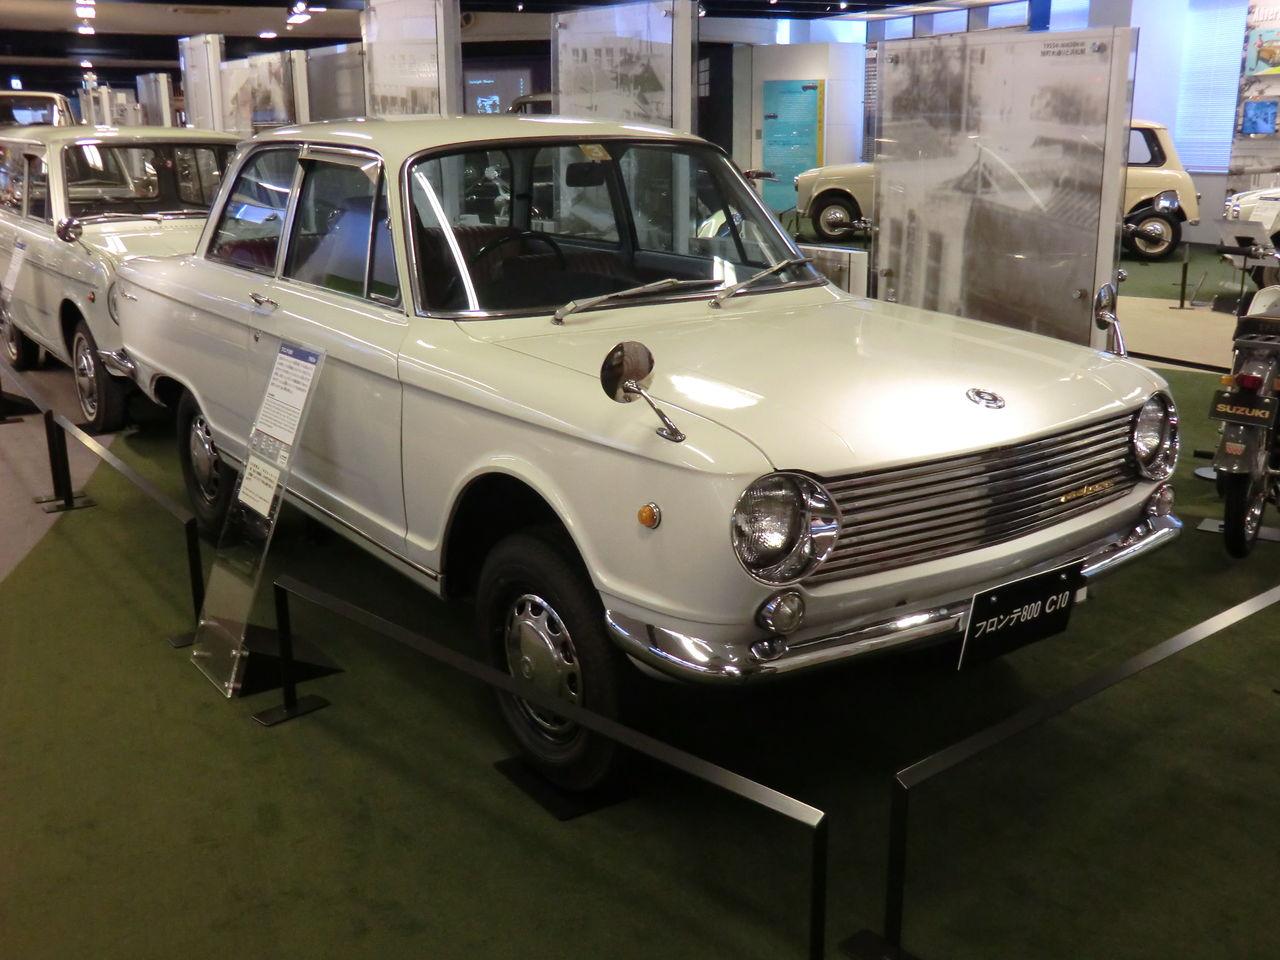 Suzuki Fronte 800, 2-drzwiowy sedan, stary japoński samochód, klasyk, oldschool, dawna motoryzacja, nostalgic, biały, white